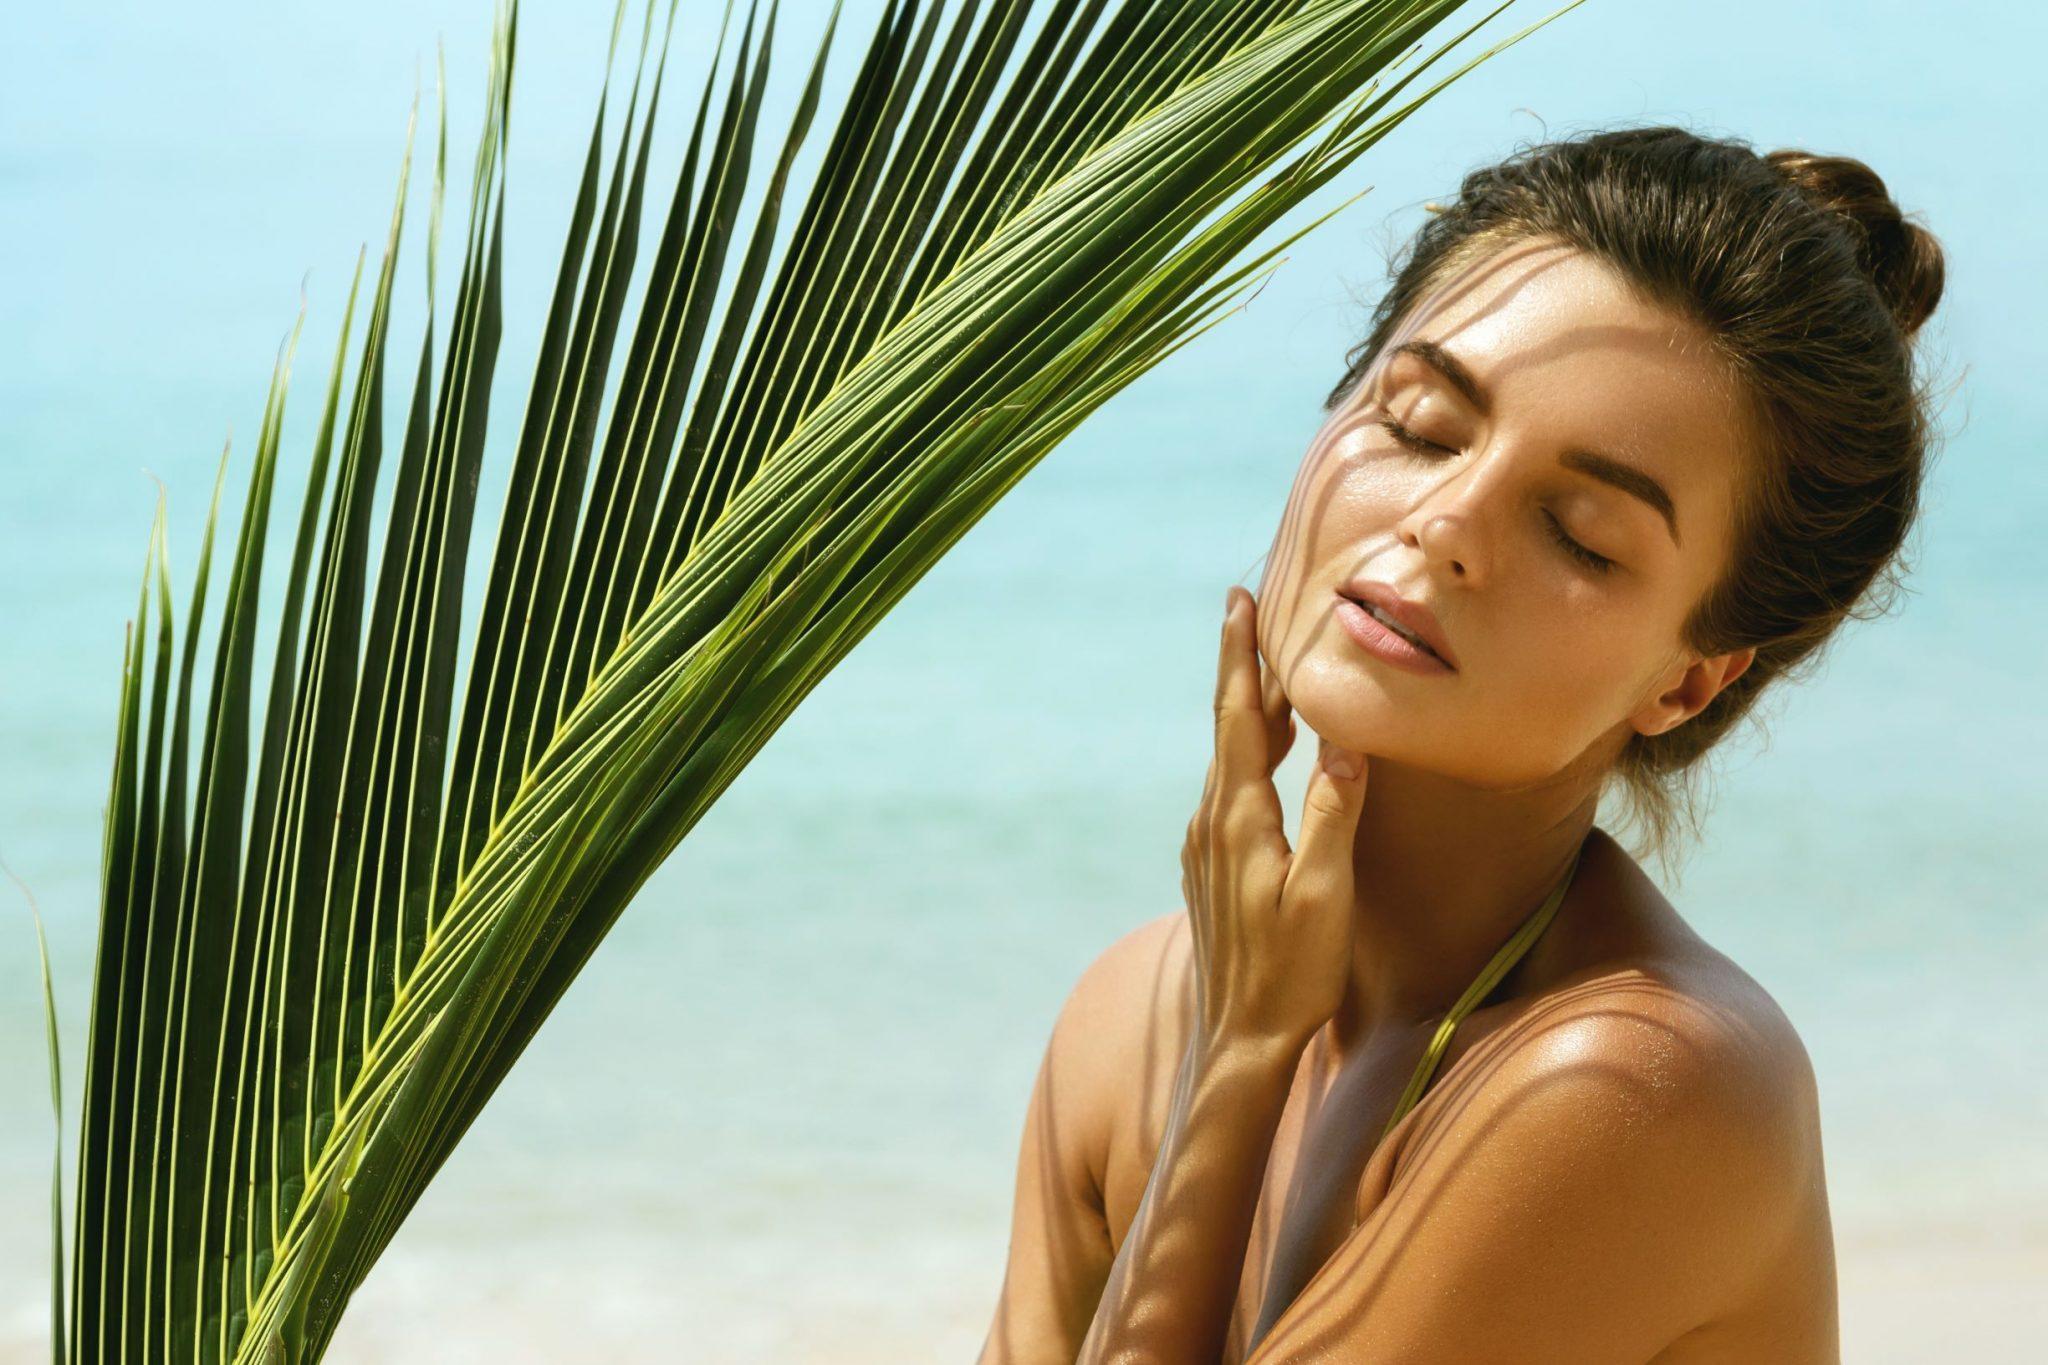 Ochrona przeciwsłoneczna wyspa kobiet